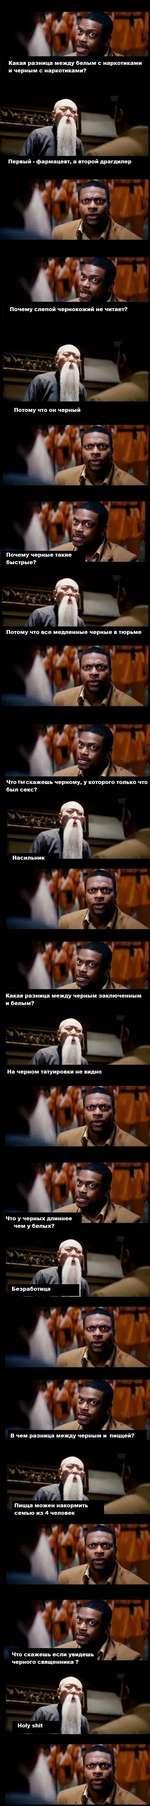 Первый - фармацевт, а второй драгдилер Почему слепой чернокожий не читает? Потому что он черный Почему черные такие быстрые? Потому что все медленные черные в тюрьме Что ты скажешь черному, у которого только что был секс? Насильник Какая разница между черным заключенным и белым? На черном т